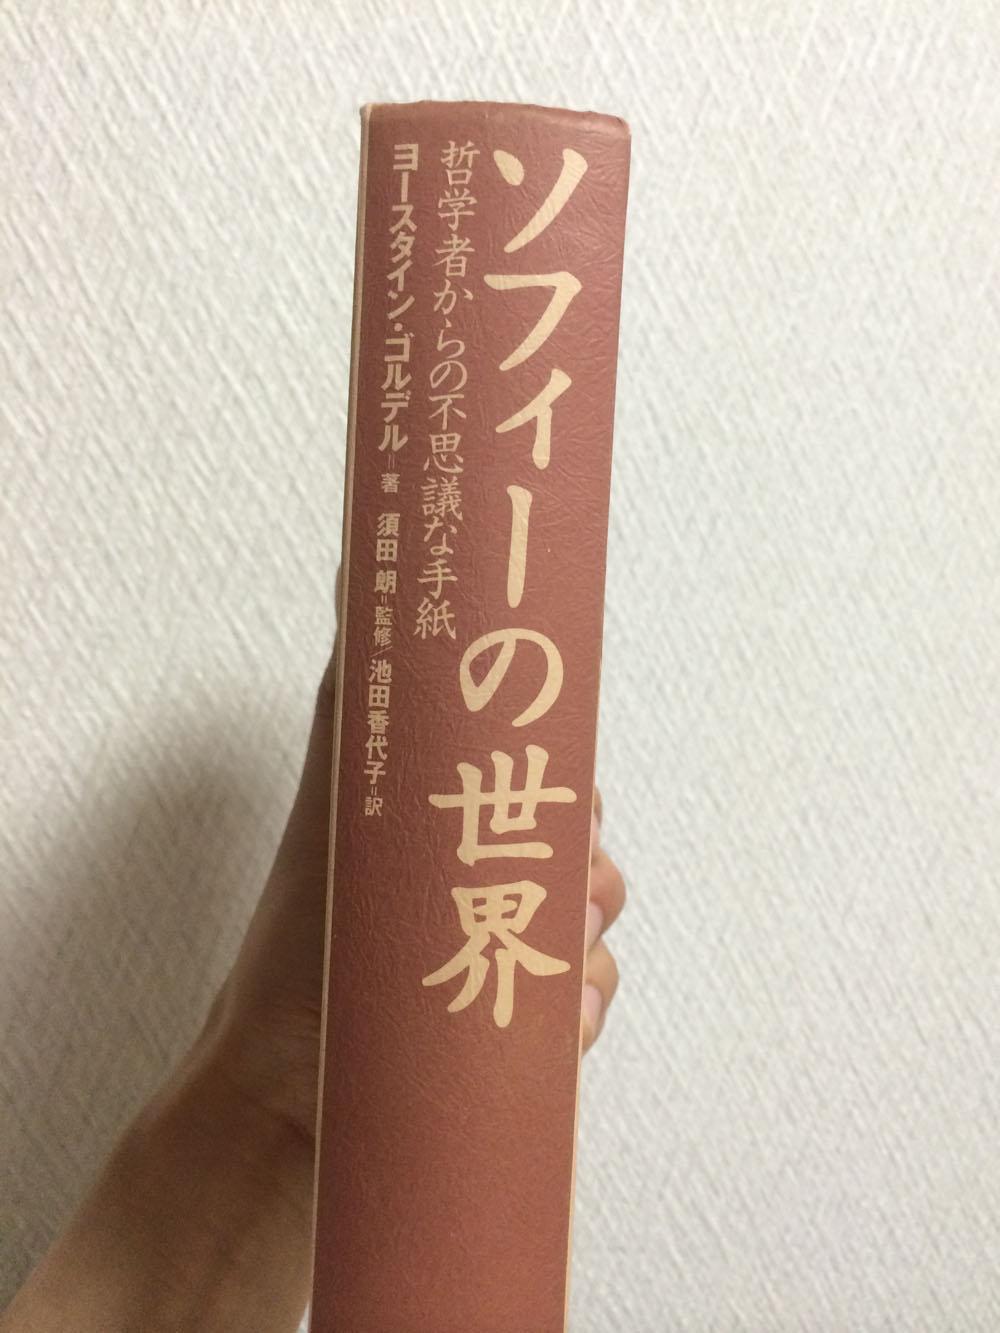 2 のコピー